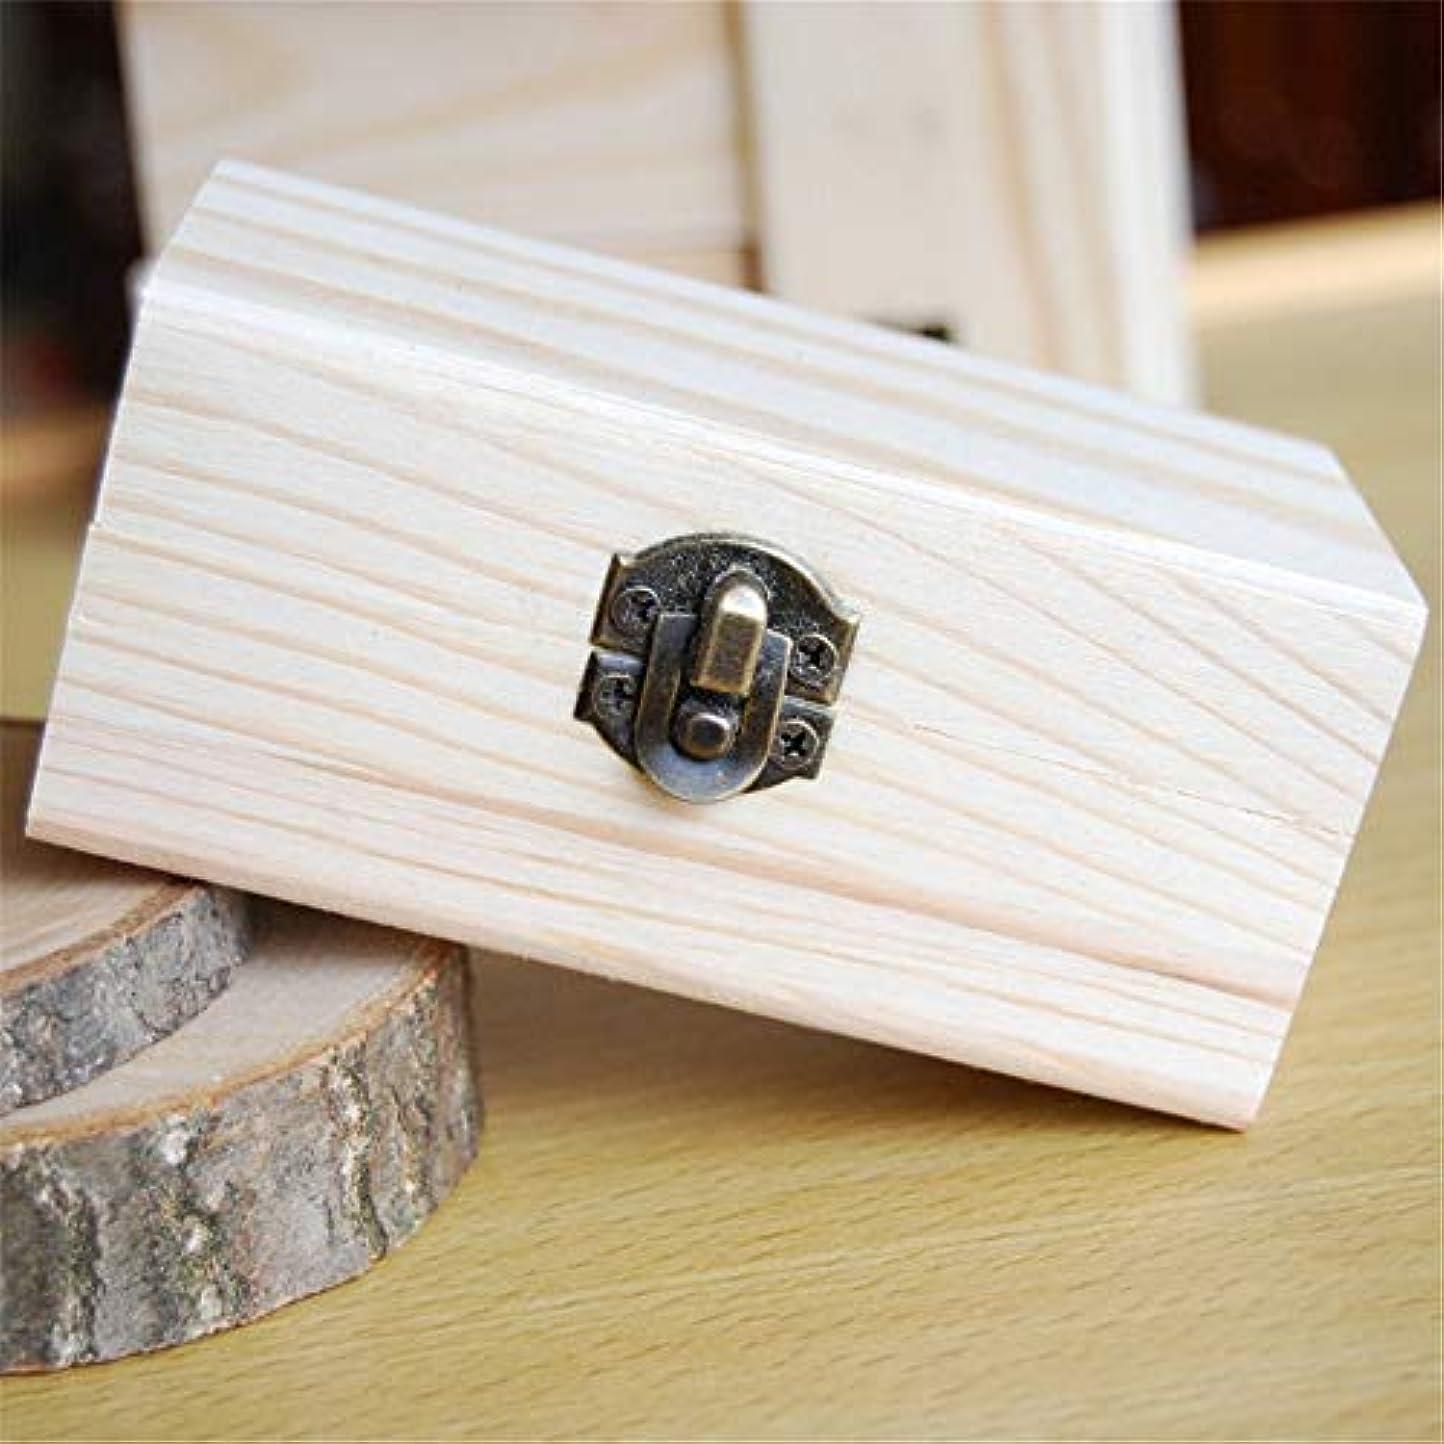 深くギャンブル動機エッセンシャルオイルストレージボックス 品質の木製エッセンシャルオイルストレージボックス安全に油を維持するためのベスト 旅行およびプレゼンテーション用 (色 : Natural, サイズ : 10X6X5CM)